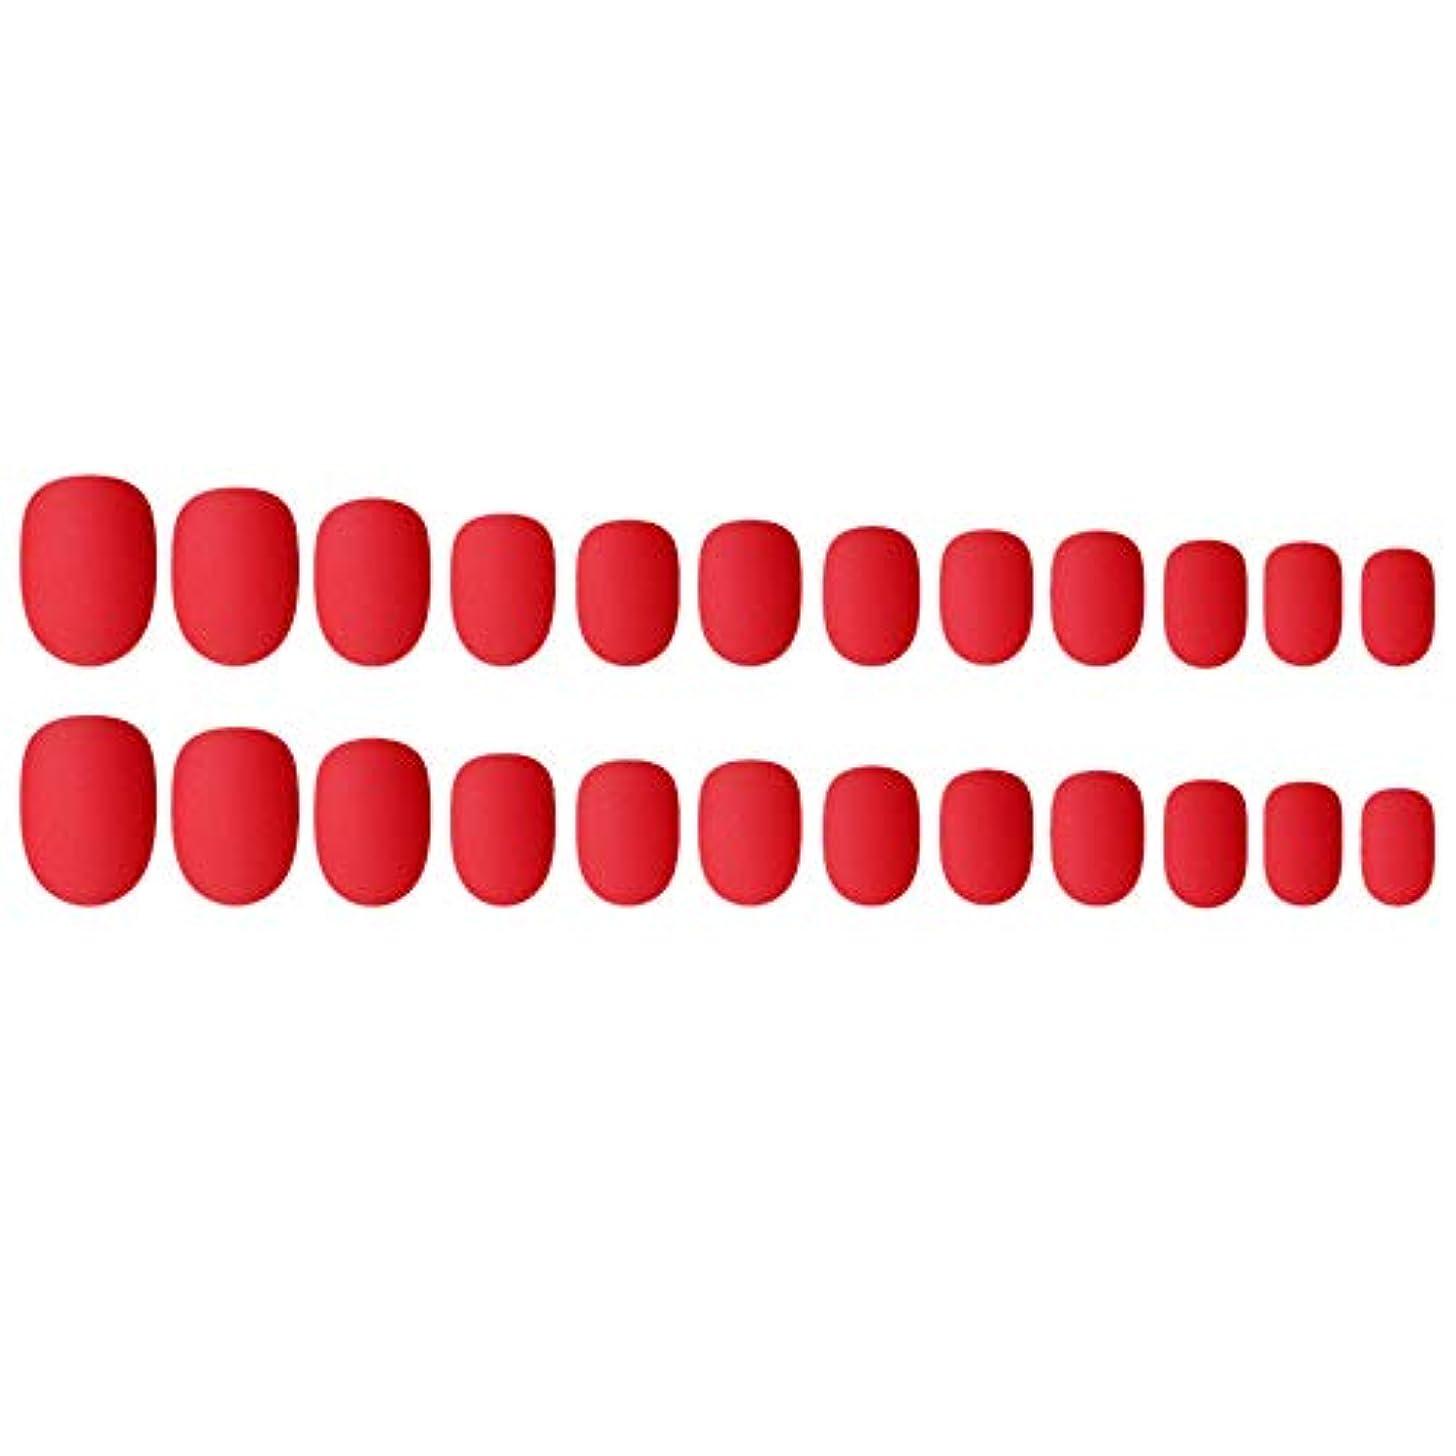 極めて重要な芝生爪Decdeal ネイルチップ 24ピース 偽ネイルのヒント 12種類のサイズ ネイルサロン diy ネイルアートツール